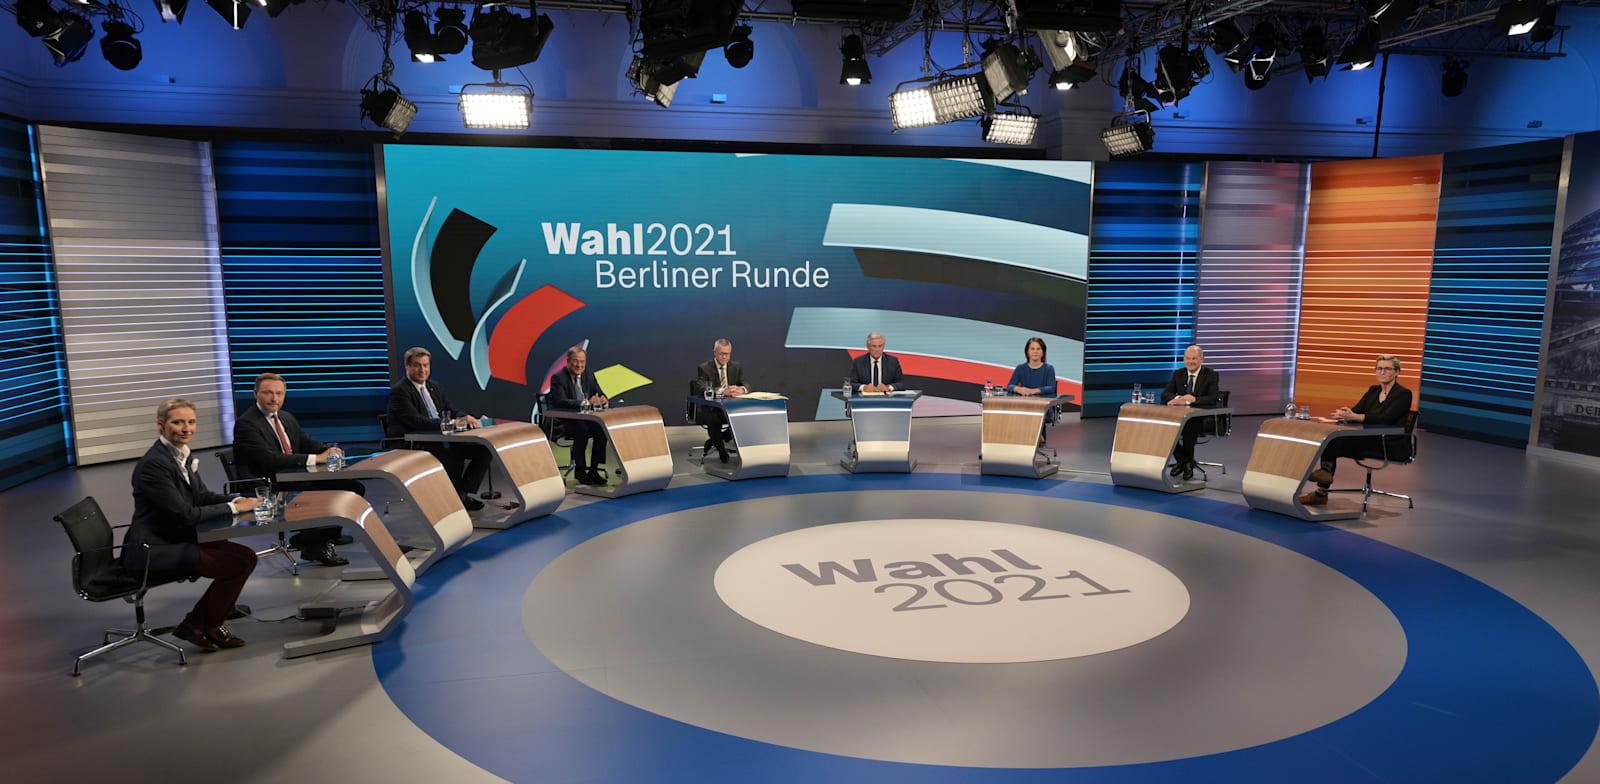 ליל הבחירות בגרמניה. נציגי כל המפלגות יושבים באולפן הטלוויזיה, ומחכים להכרעה / צילום: Associated Press, Sebastian Gollnow